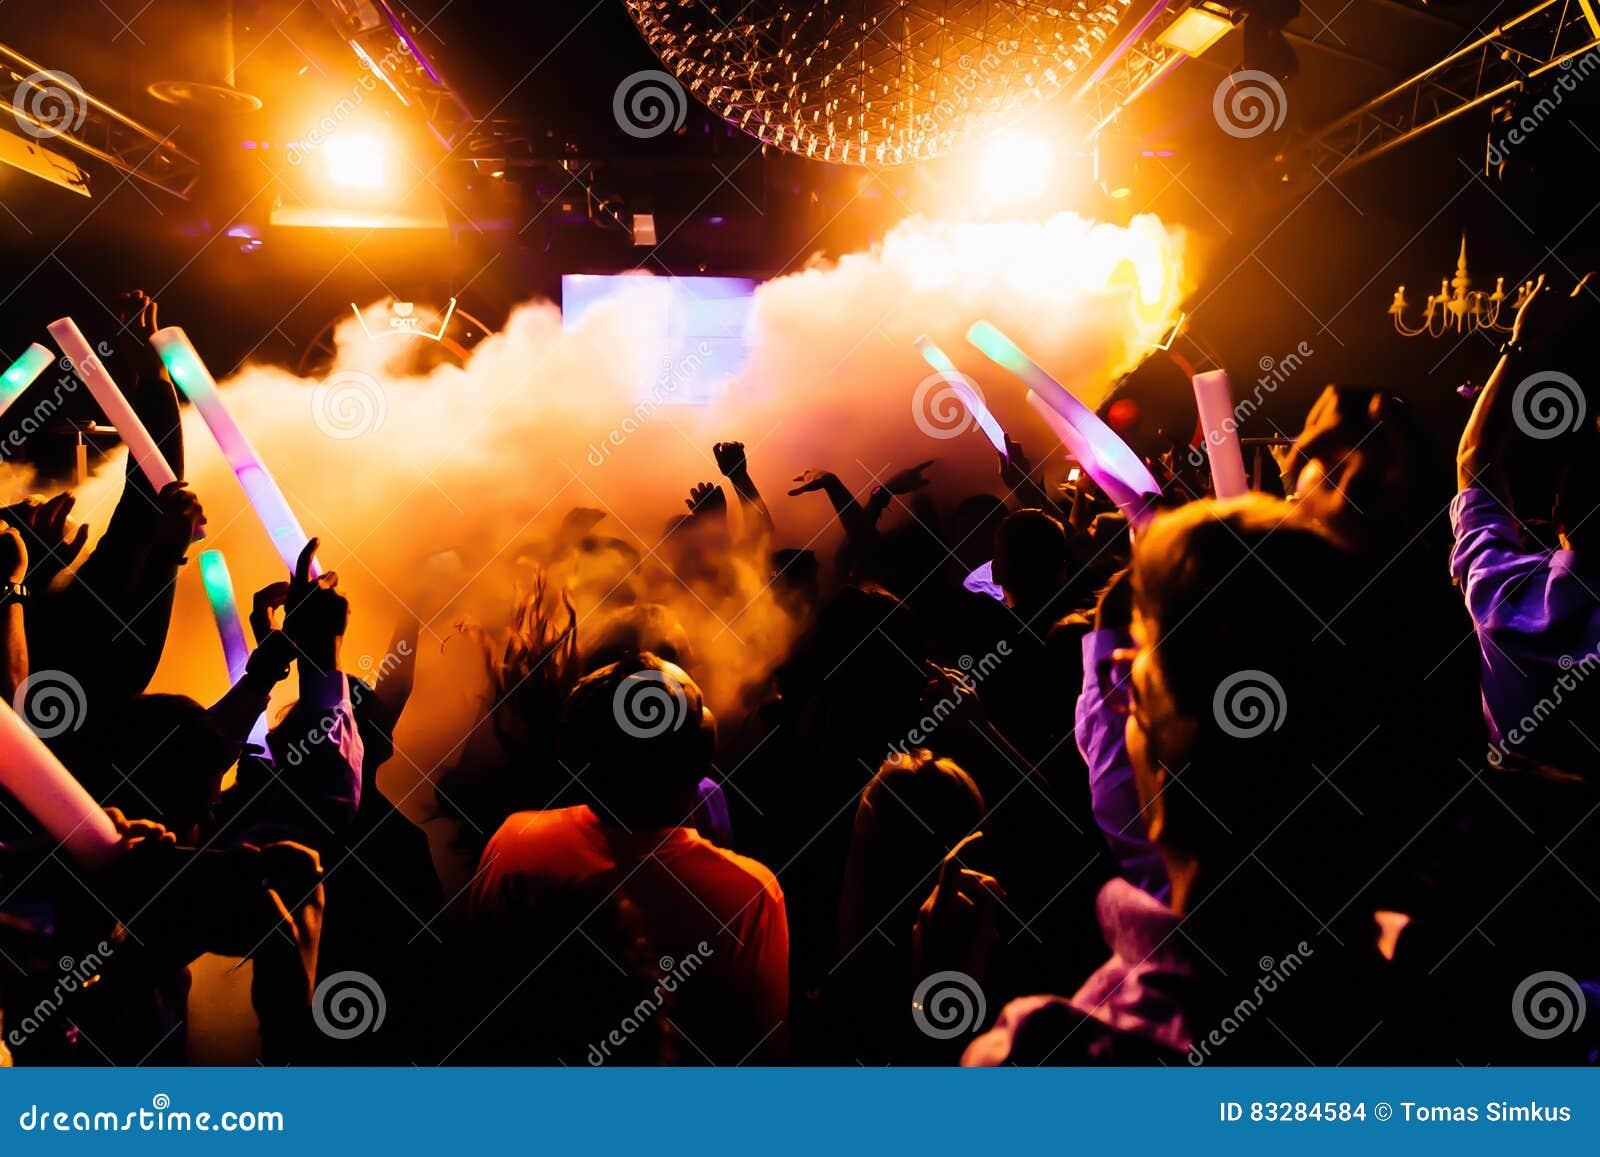 音乐会剪影在与五彩纸屑的明亮的阶段光前面拥挤